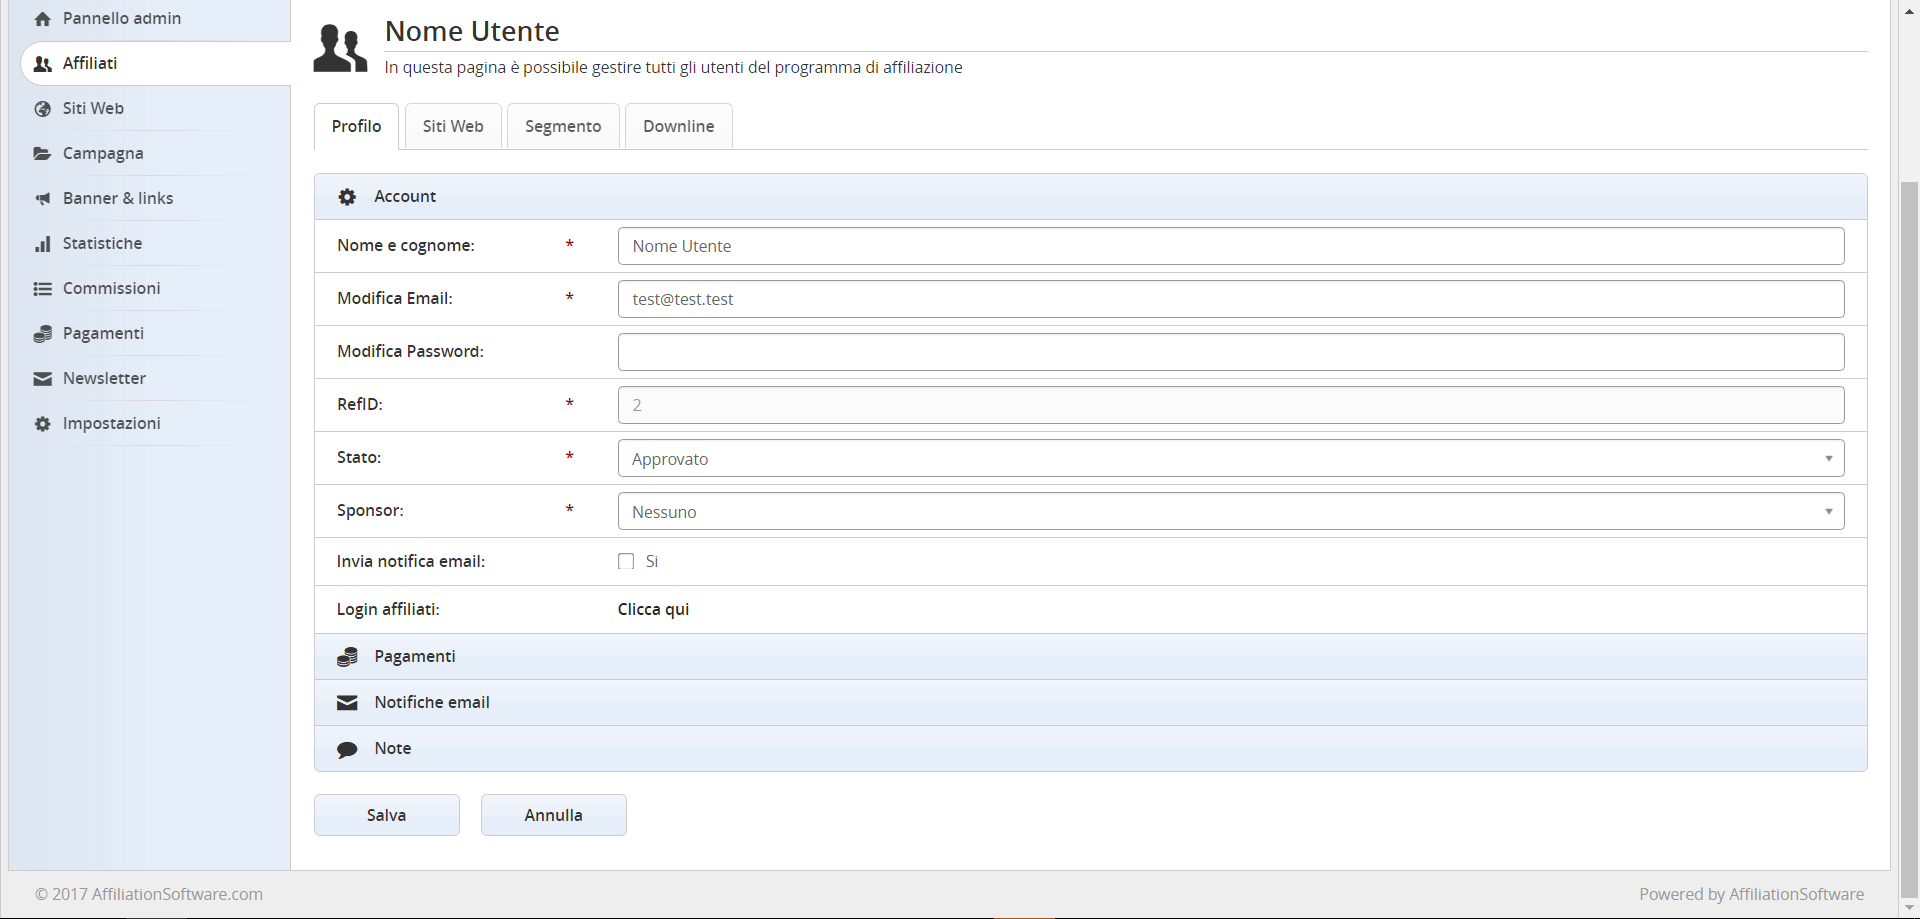 Gestione del profilo dell'utente